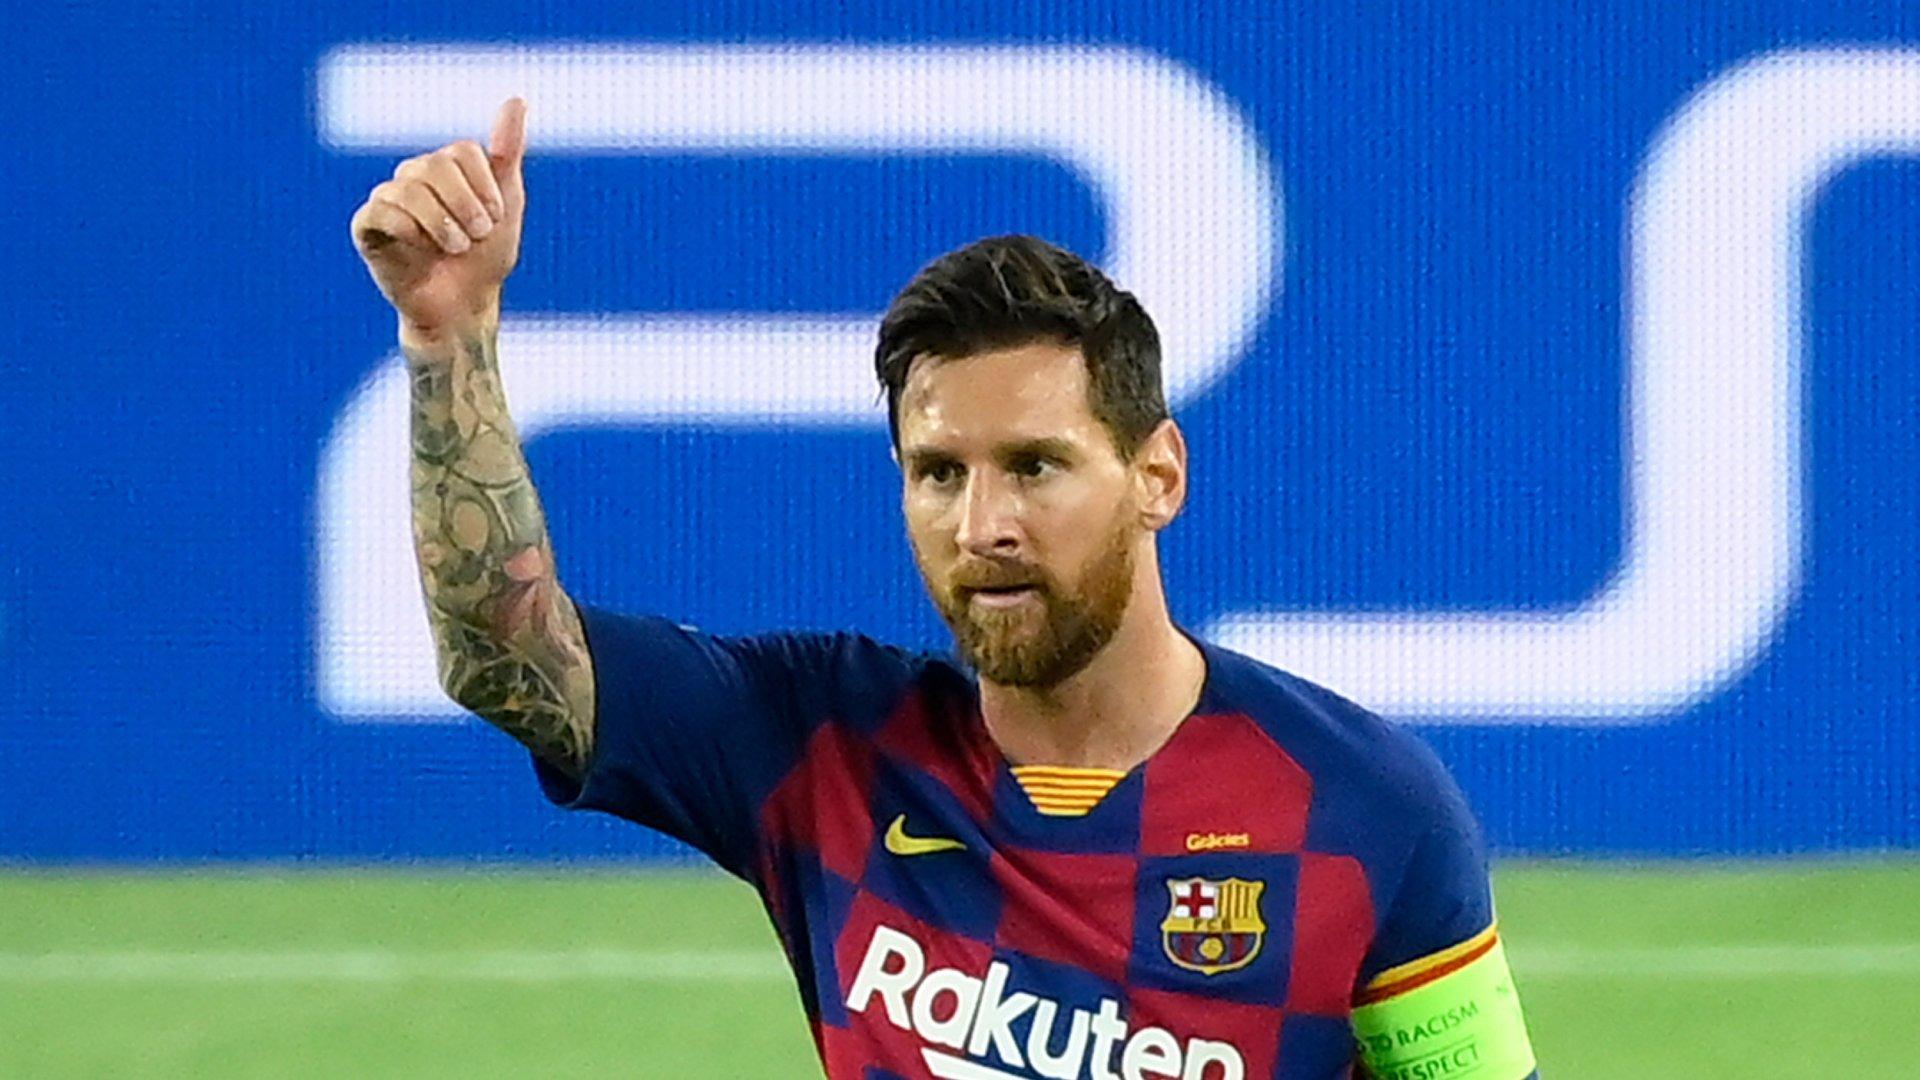 Lionel Messi Sudah Bulat Tinggalkan Barcelona, Tapi Ingin Dengan Cara Yang Baik